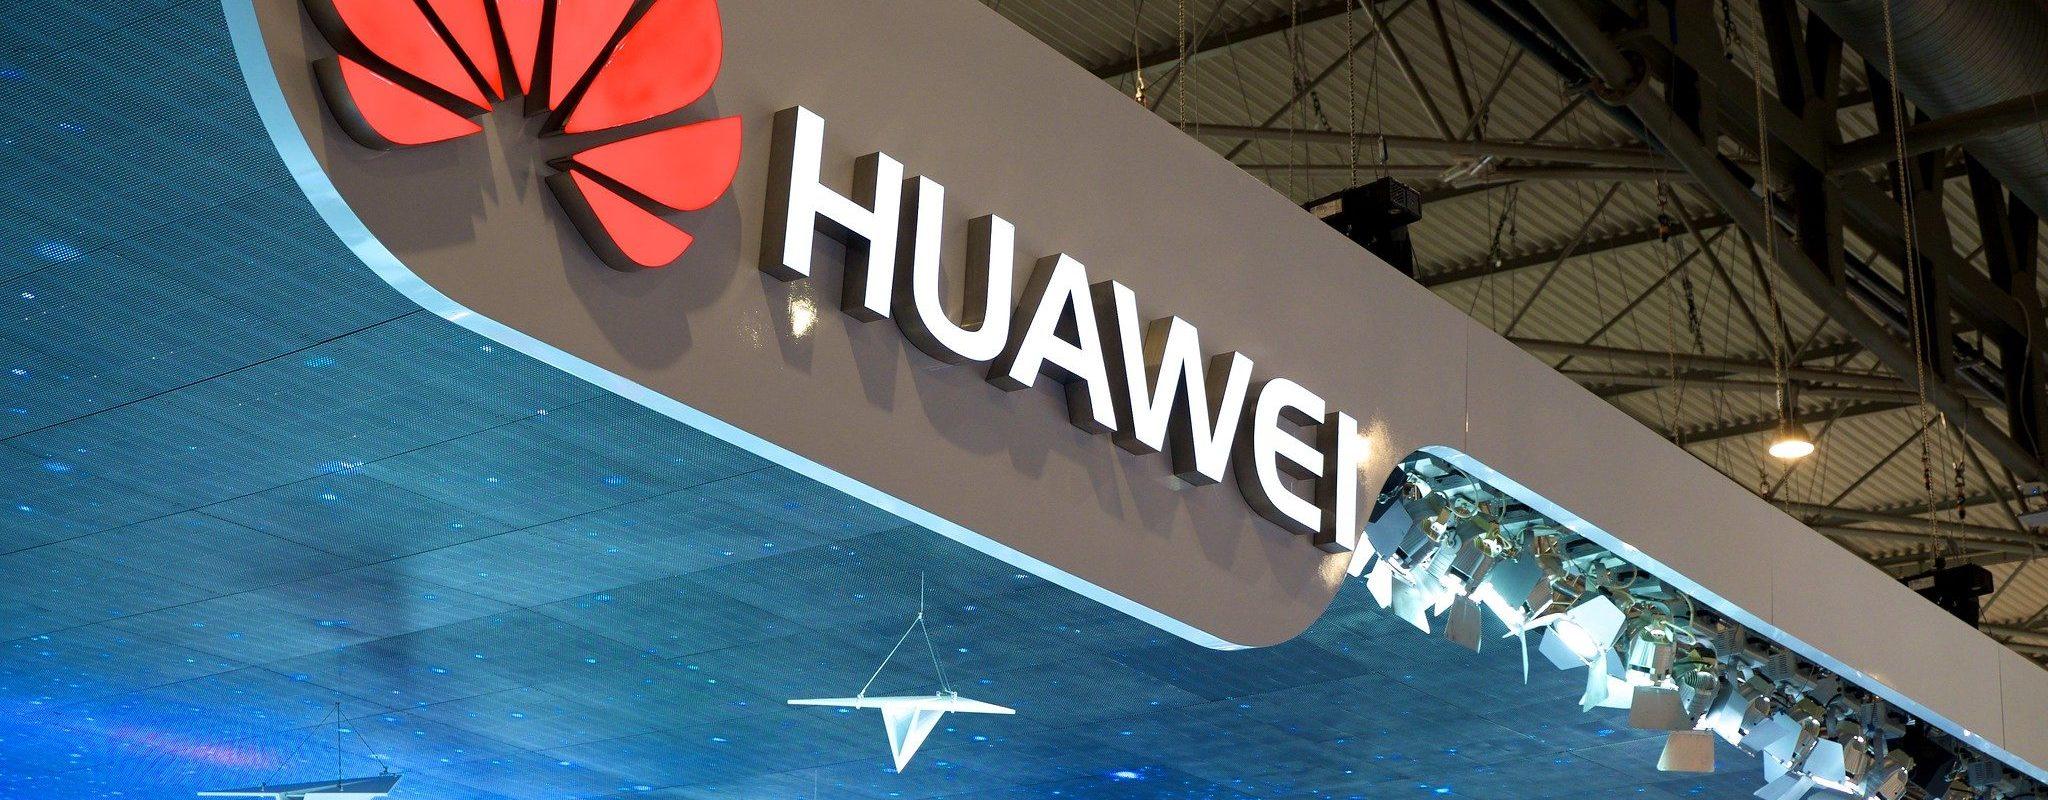 Huawei choisit Brumath pour y construire son usine